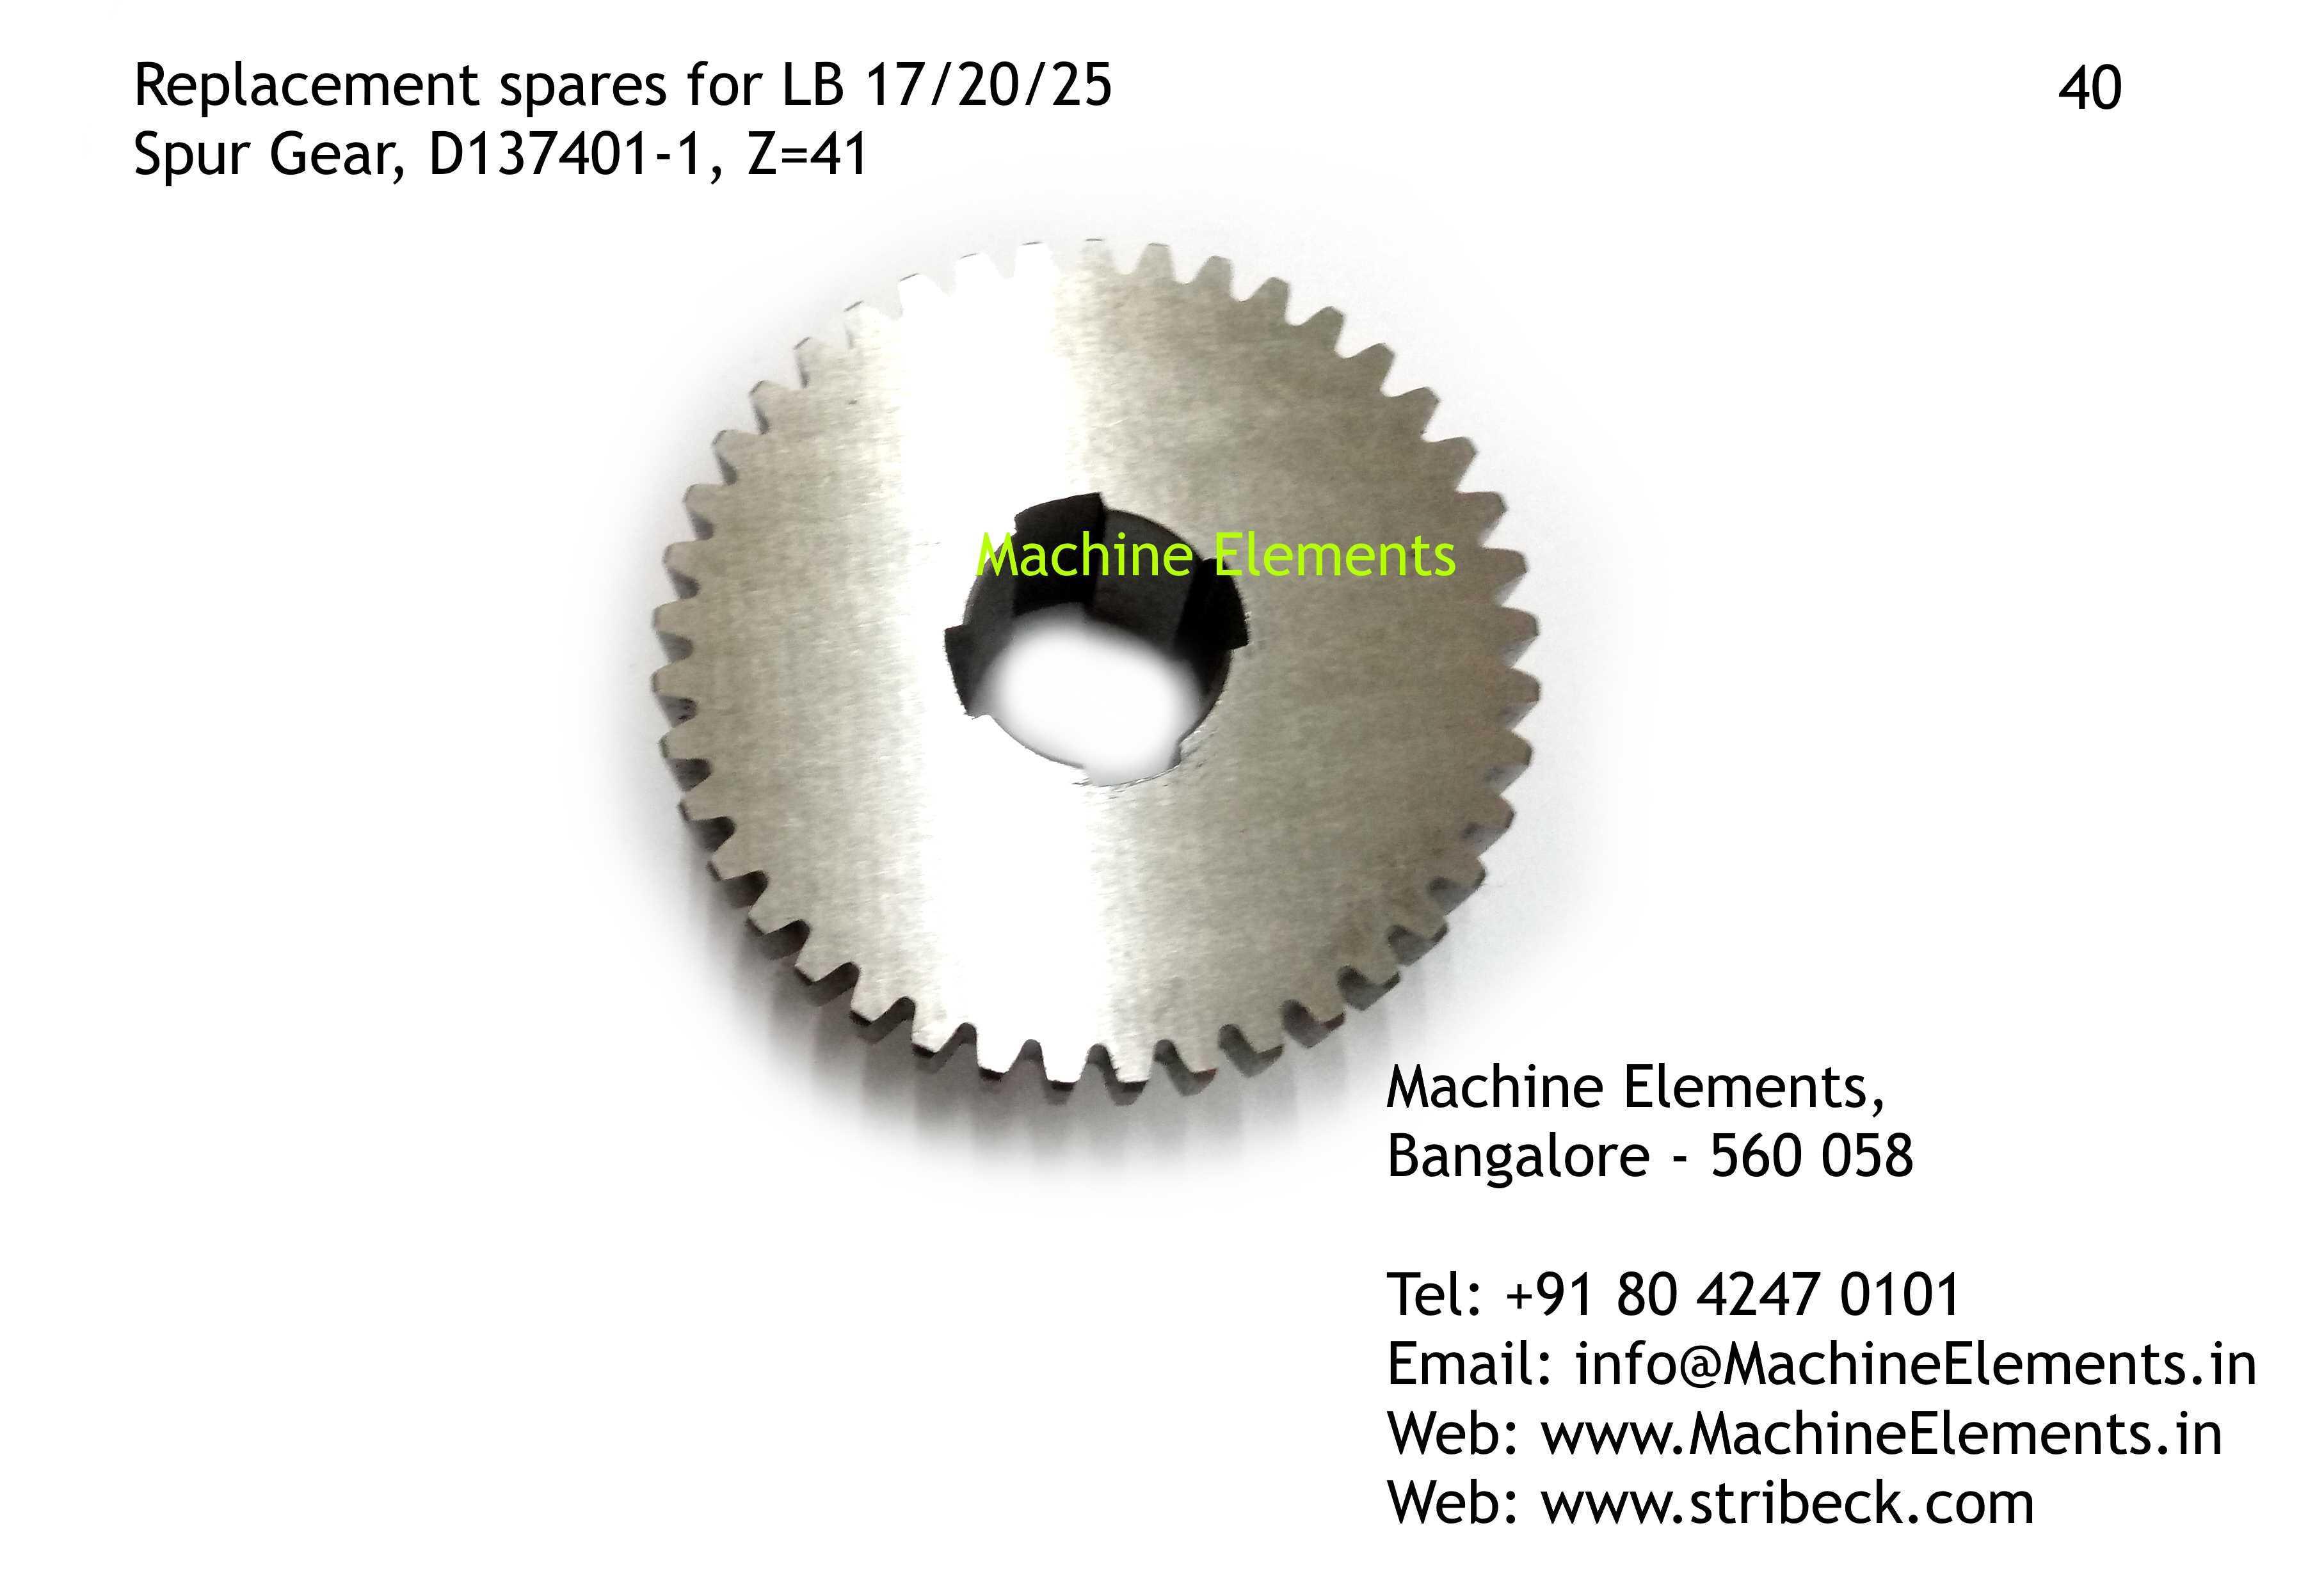 Spur Gear, D137401-1, Z=41